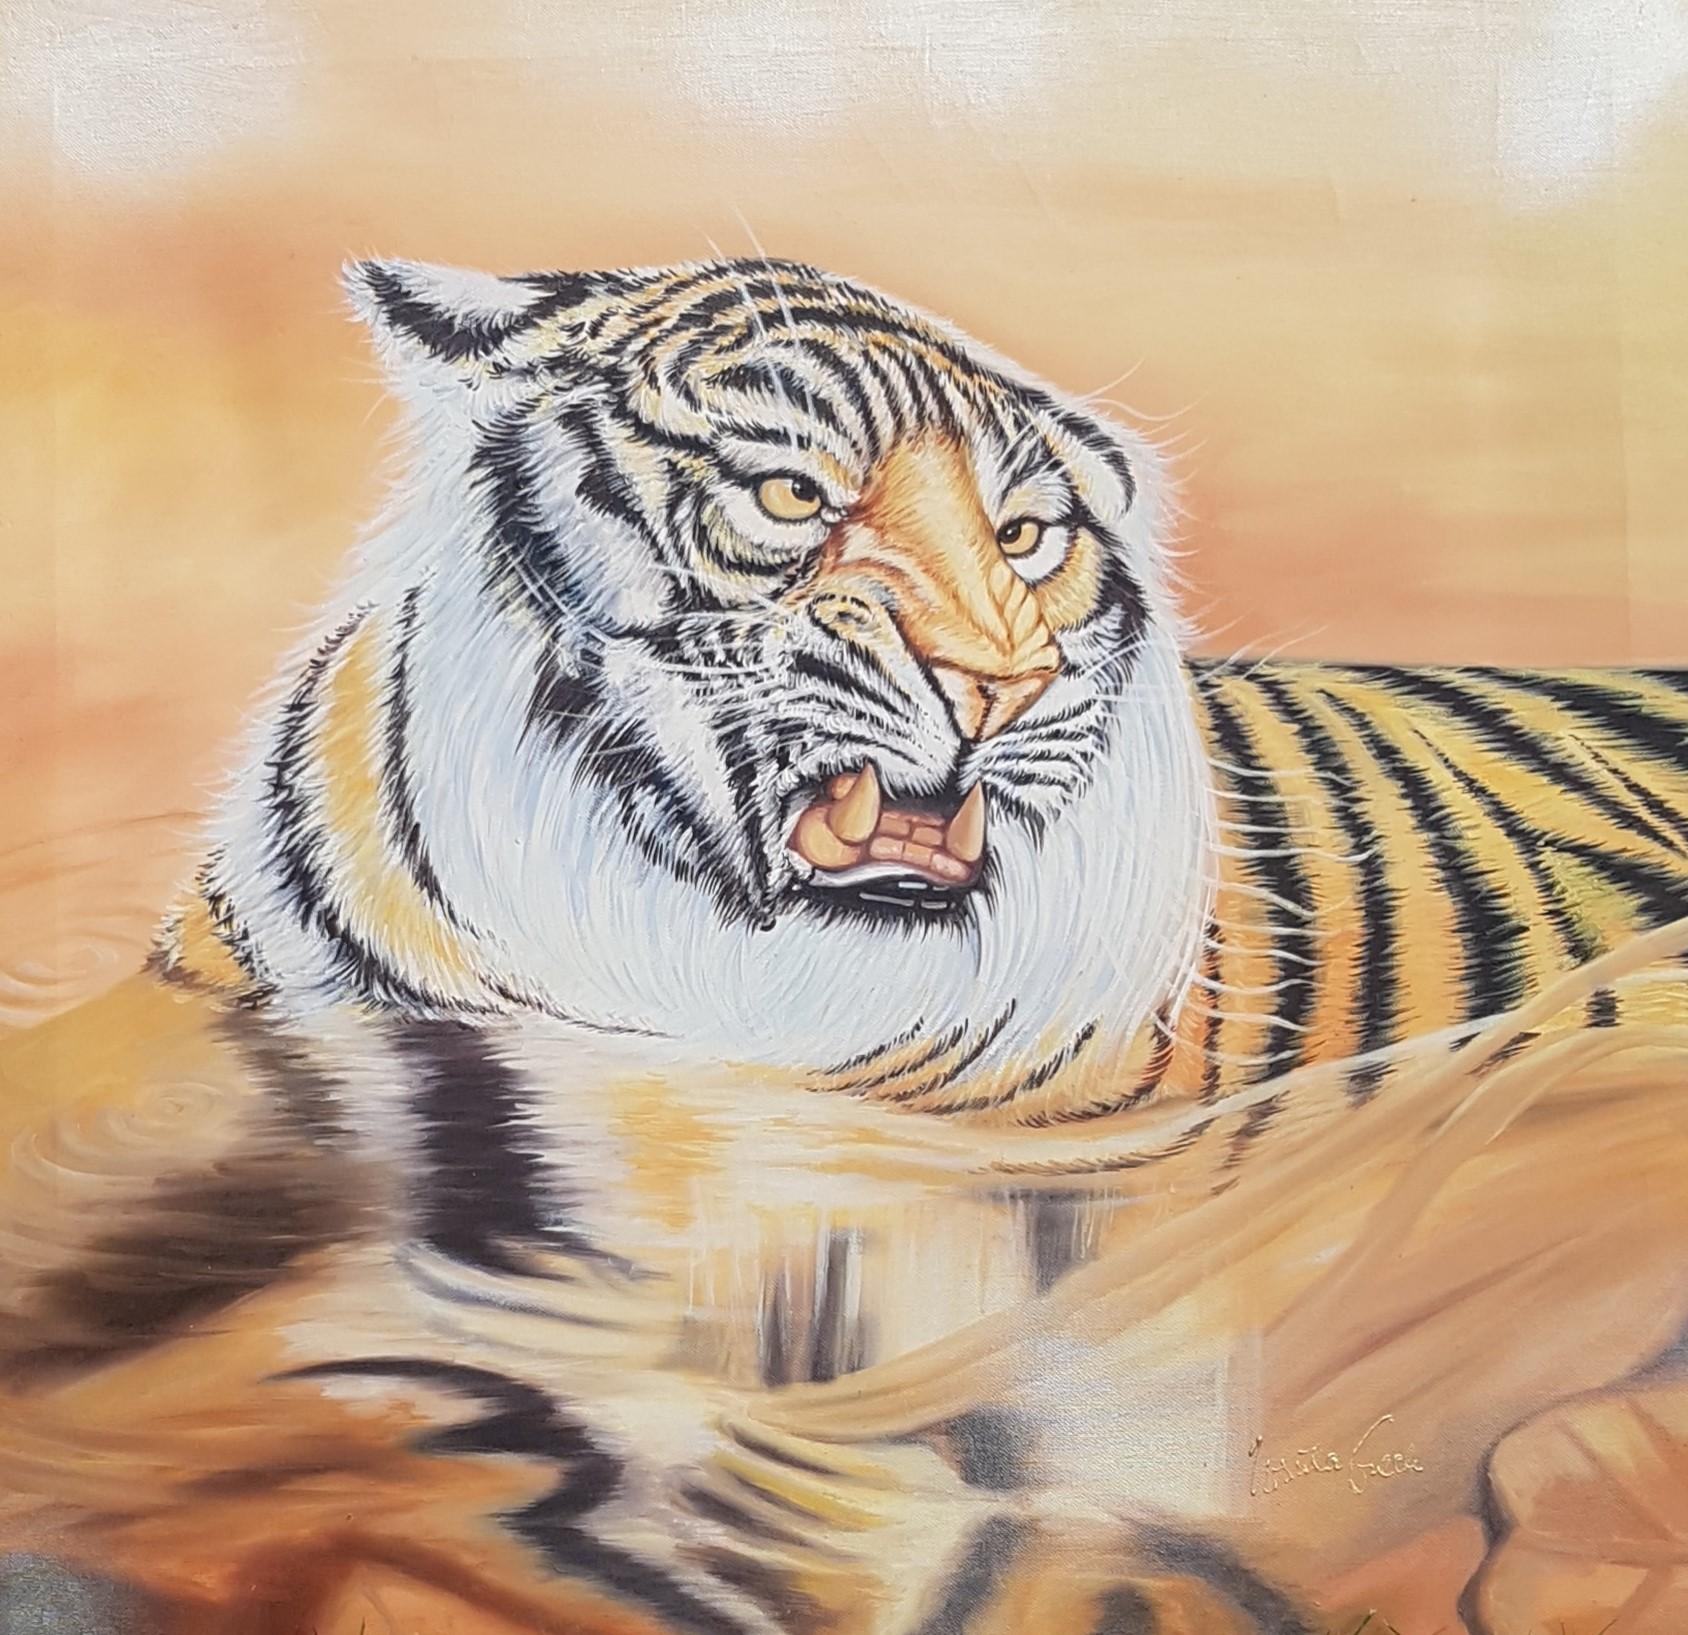 What do you want to make those eyes that me for (Technik: Ölmalerei auf Leinwand 81,5 X 79,5 X 2 cm)